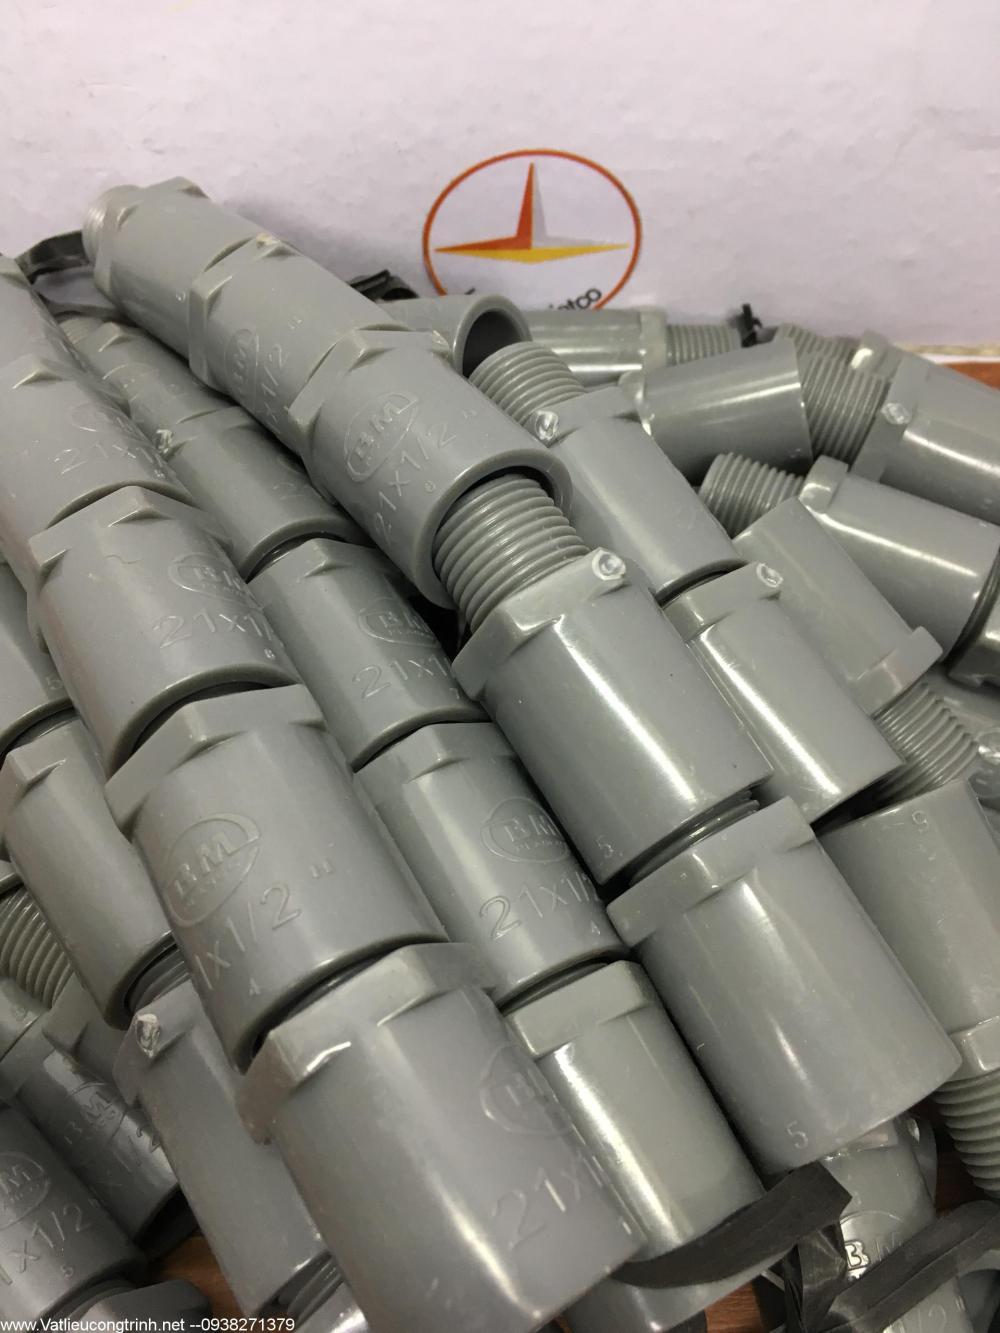 NOI REN NGOAI 21 NHUA PVC BINH MINH (1)